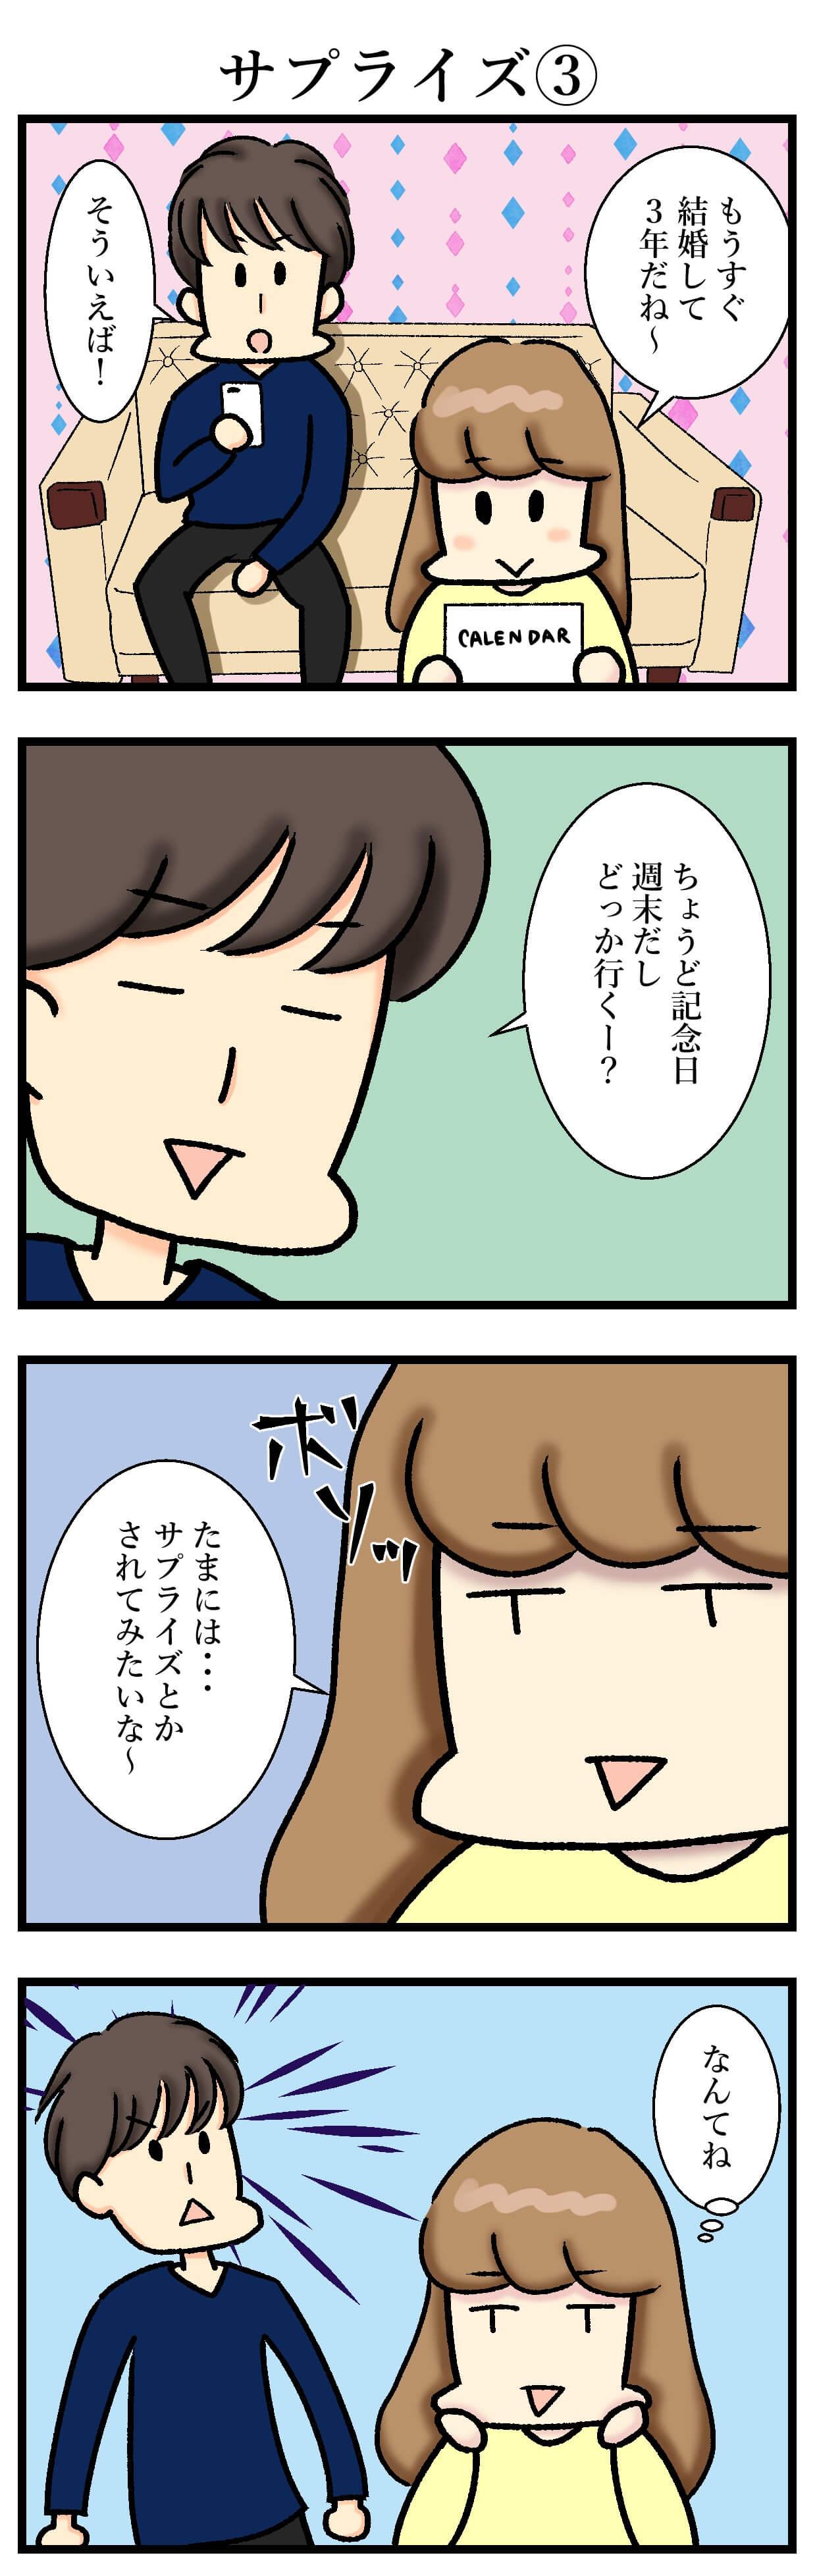 【エッセイ漫画】アラサー主婦くま子のふがいない日常(50)